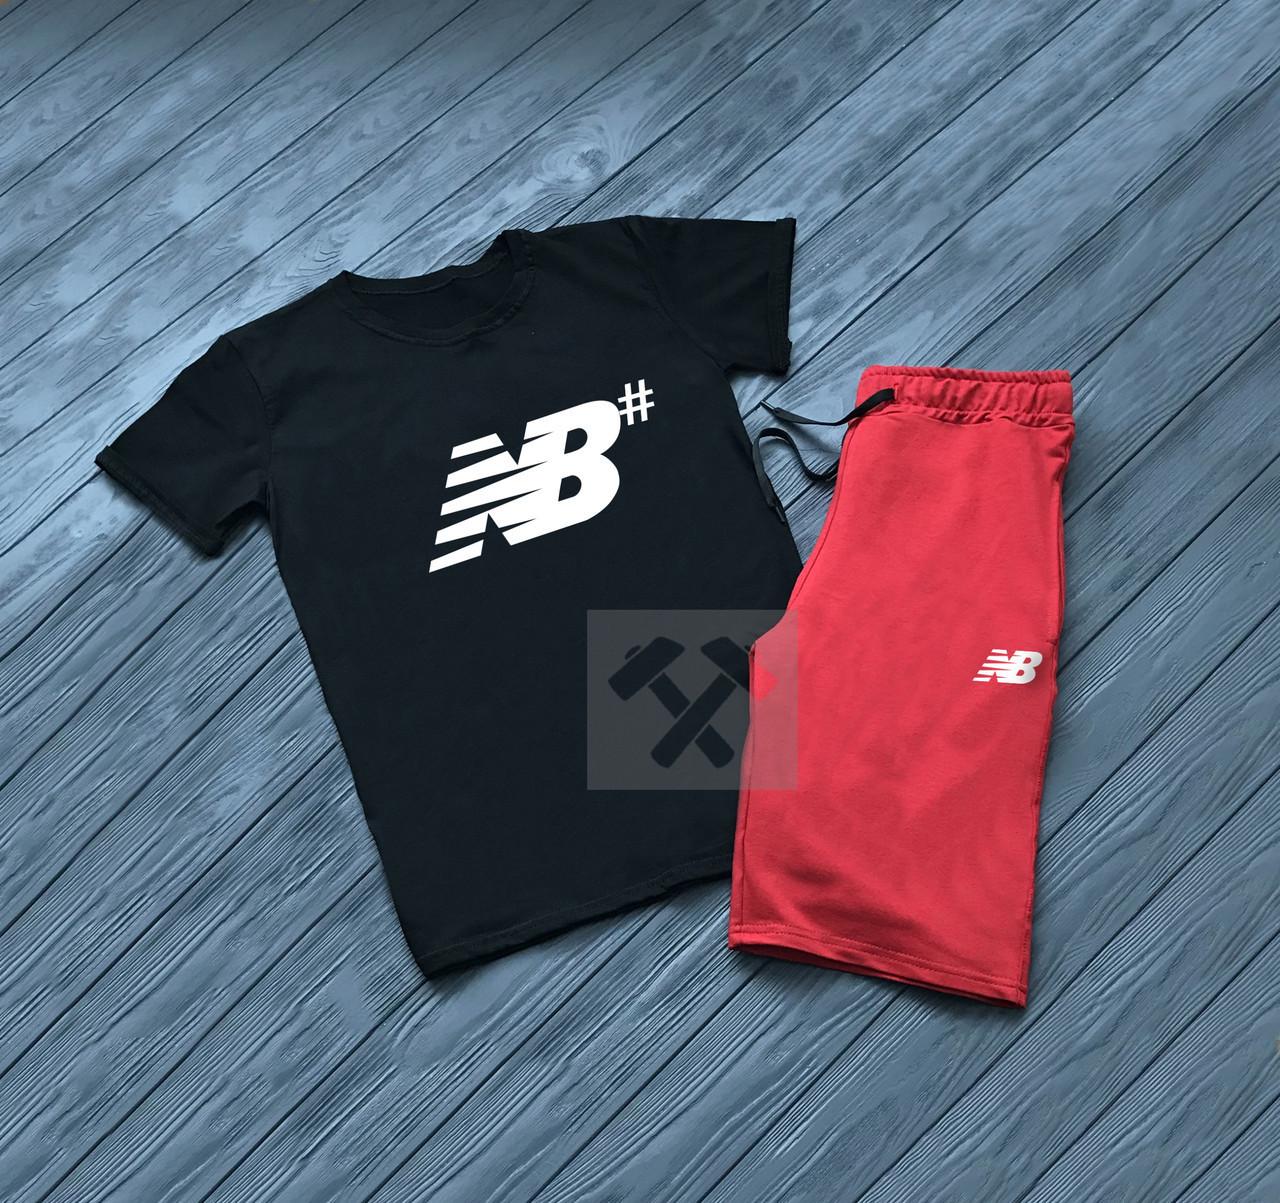 Чоловічий комплект футболка + шорти NEW Balance чорного і червоного кольору